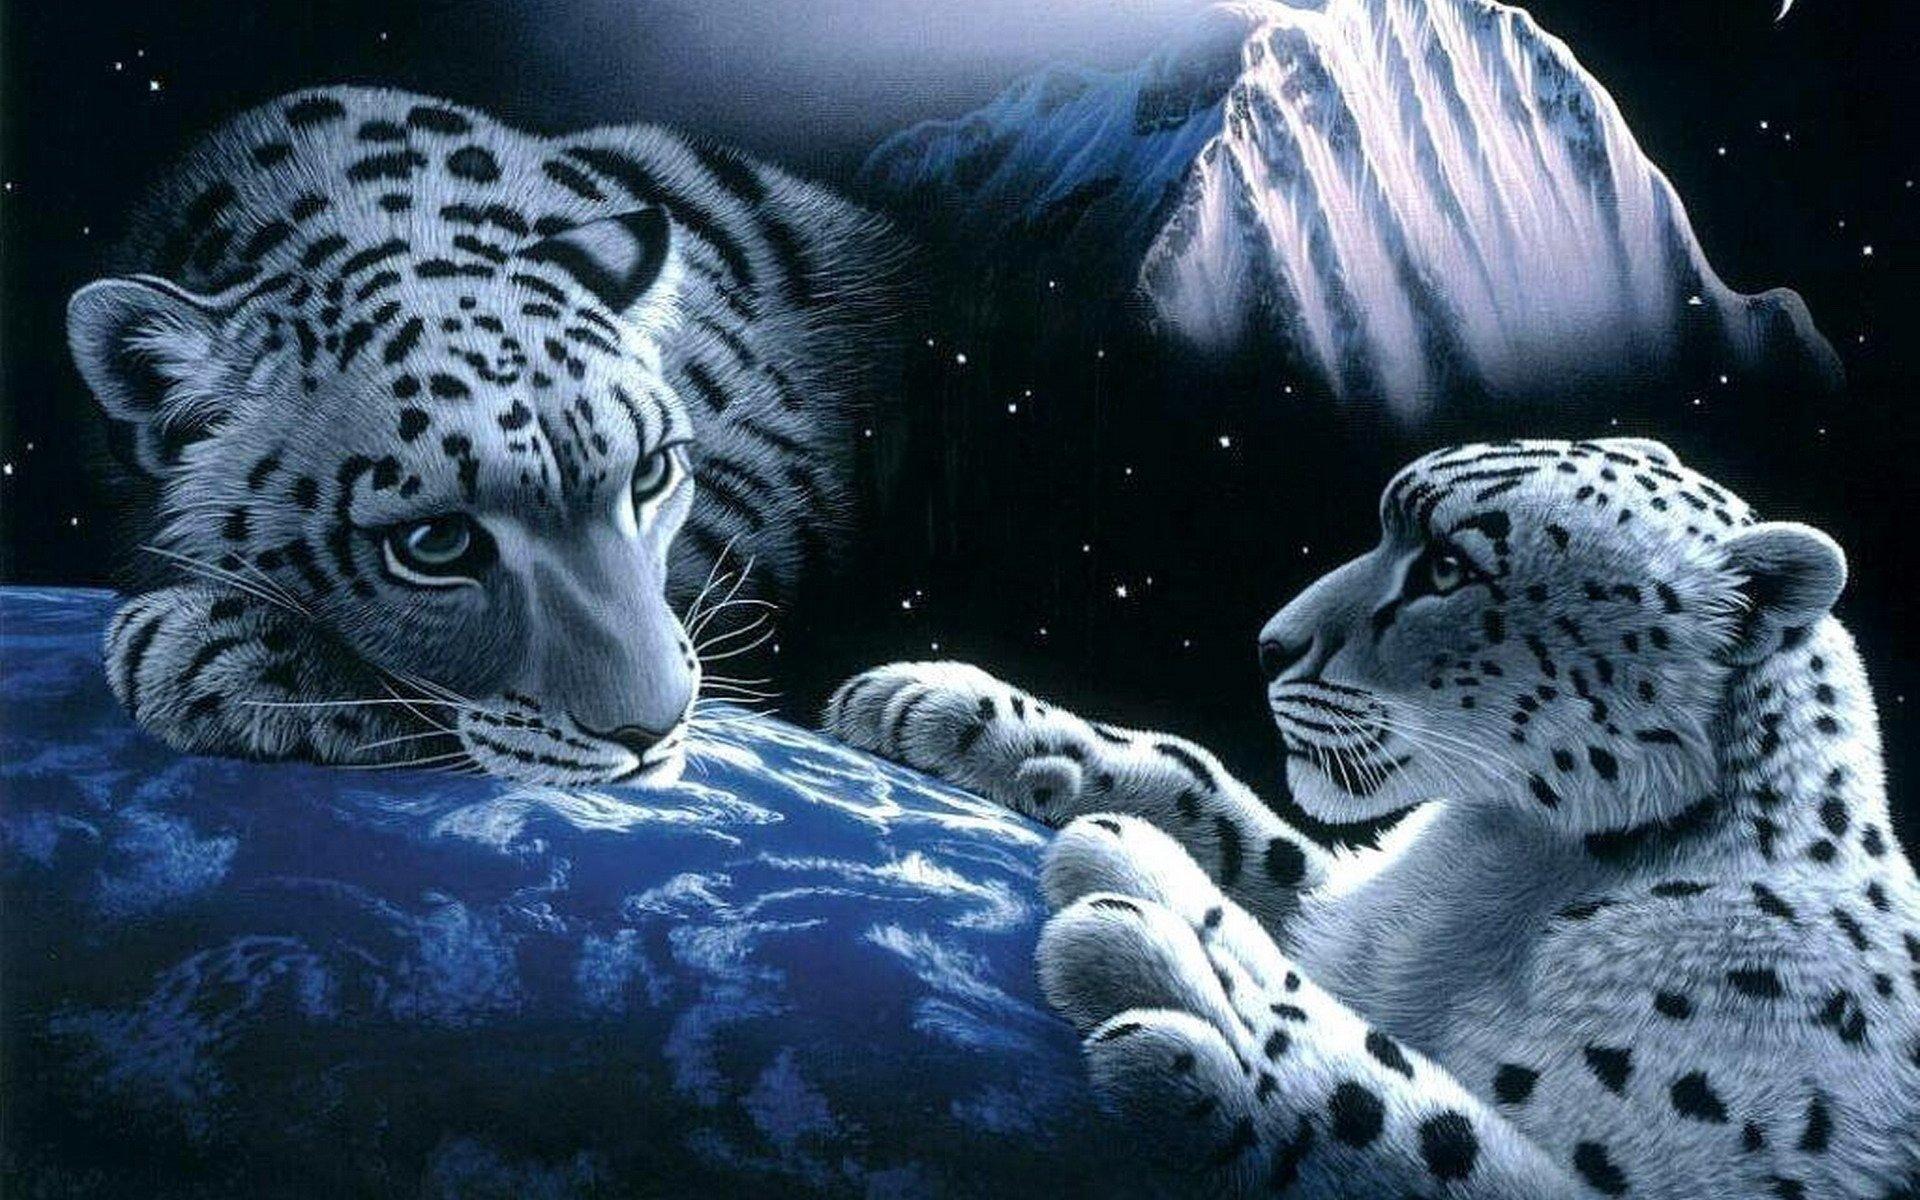 производит впечатление красивые картинки анимационные о животных суровым отцовским взглядом